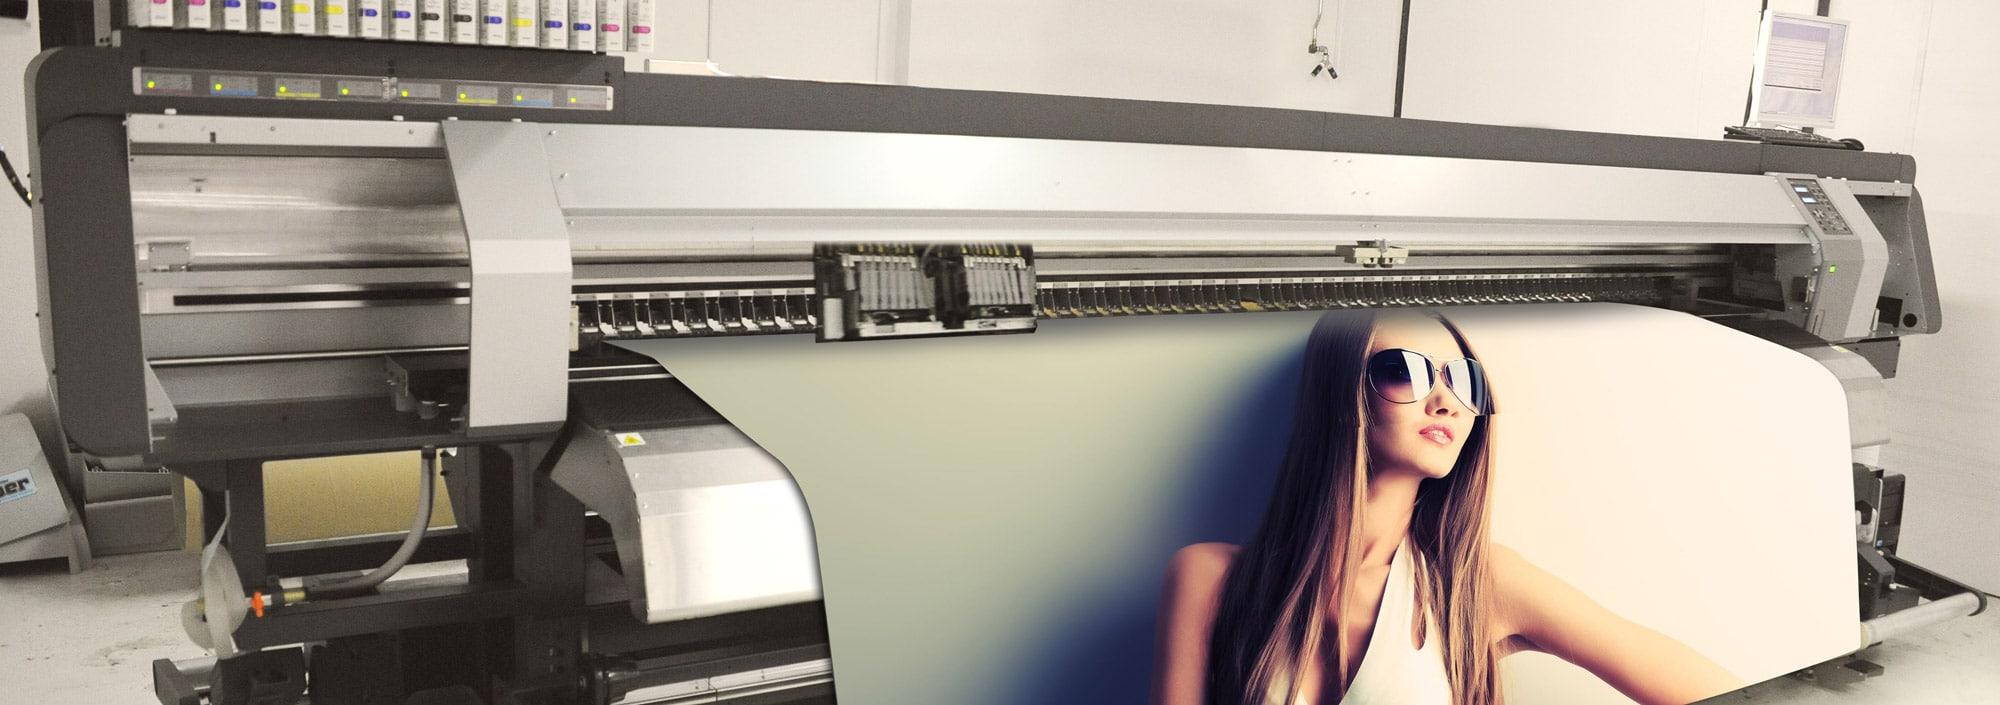 EN Savoir-faire - Imprimantes numériques grande laize pour des réalisations à la demande